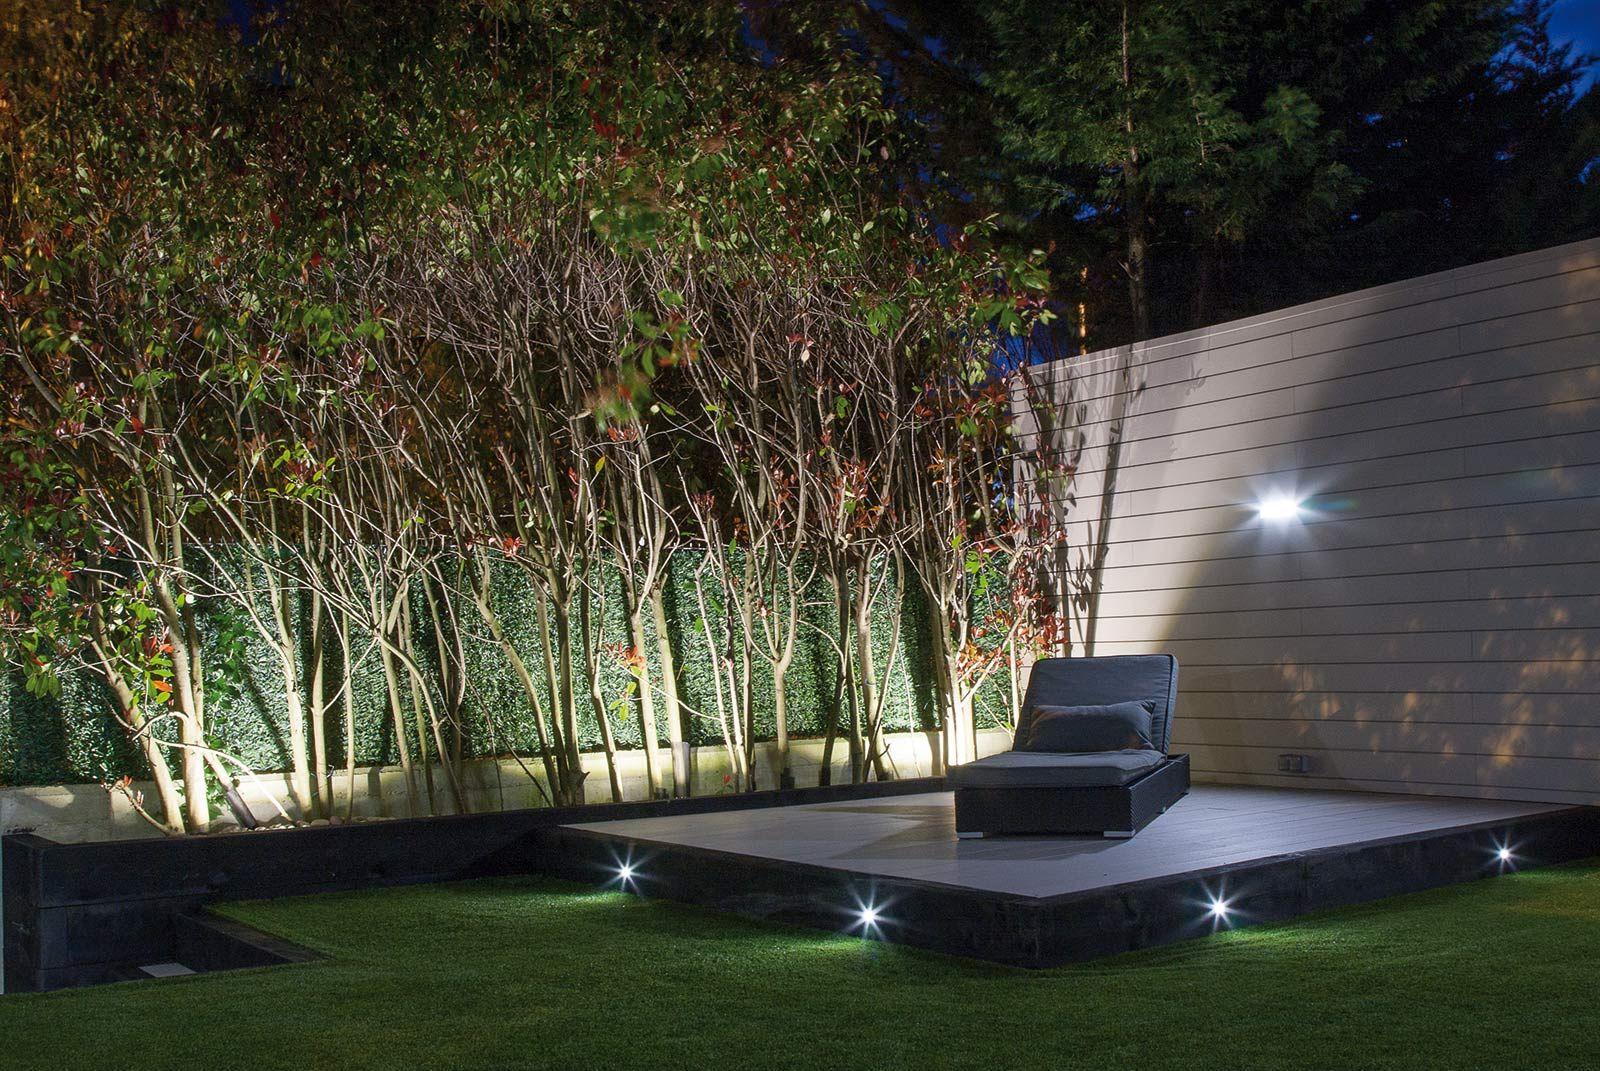 Iluminacion jardin noche 1 iluminaci n en 2019 - Iluminacion para patios y jardines ...